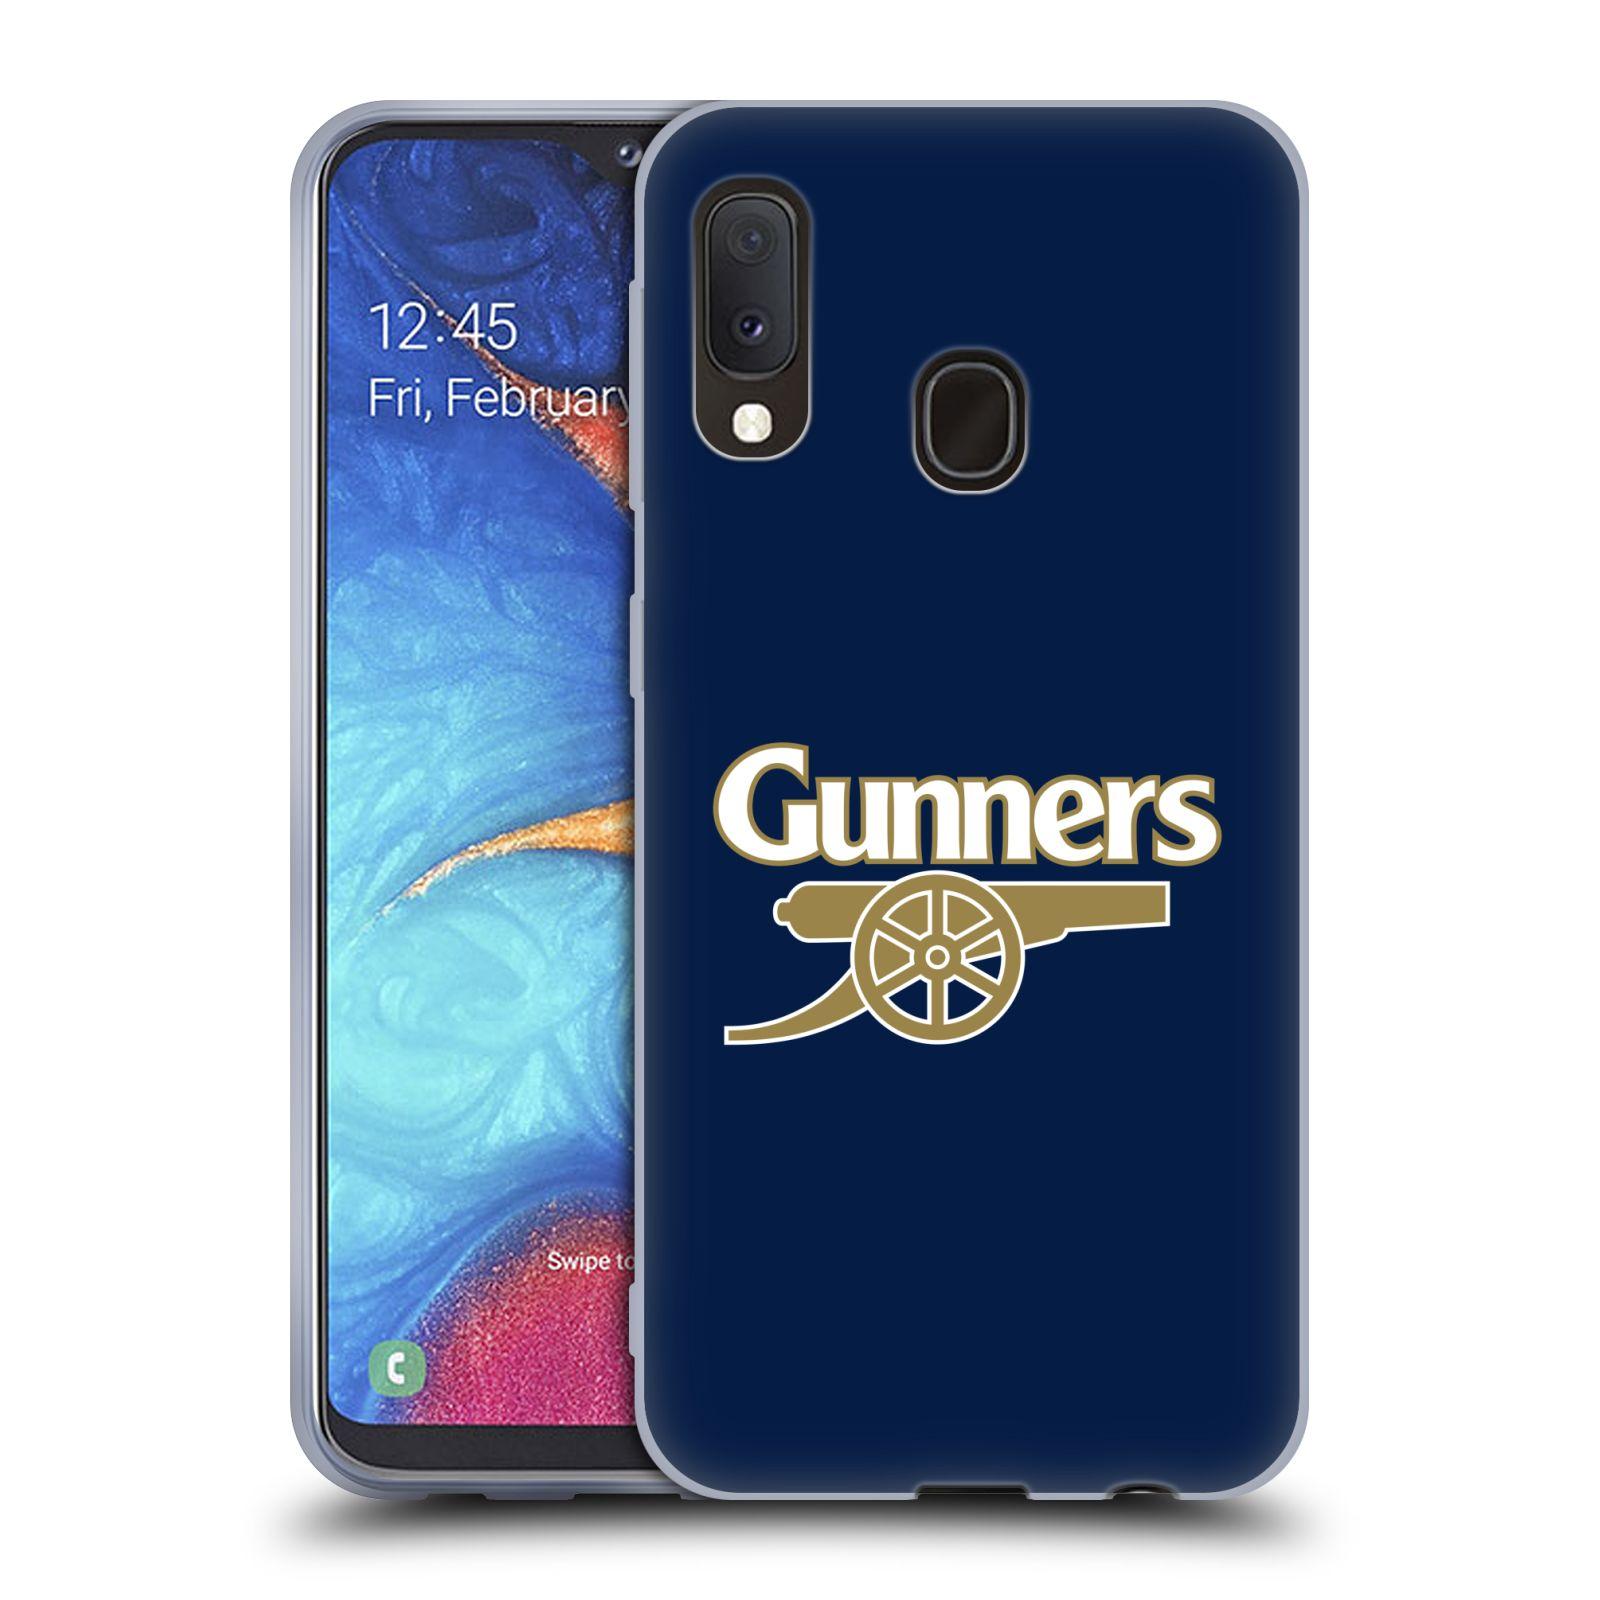 Silikonové pouzdro na mobil Samsung Galaxy A20e - Head Case - Arsenal FC - Gunners